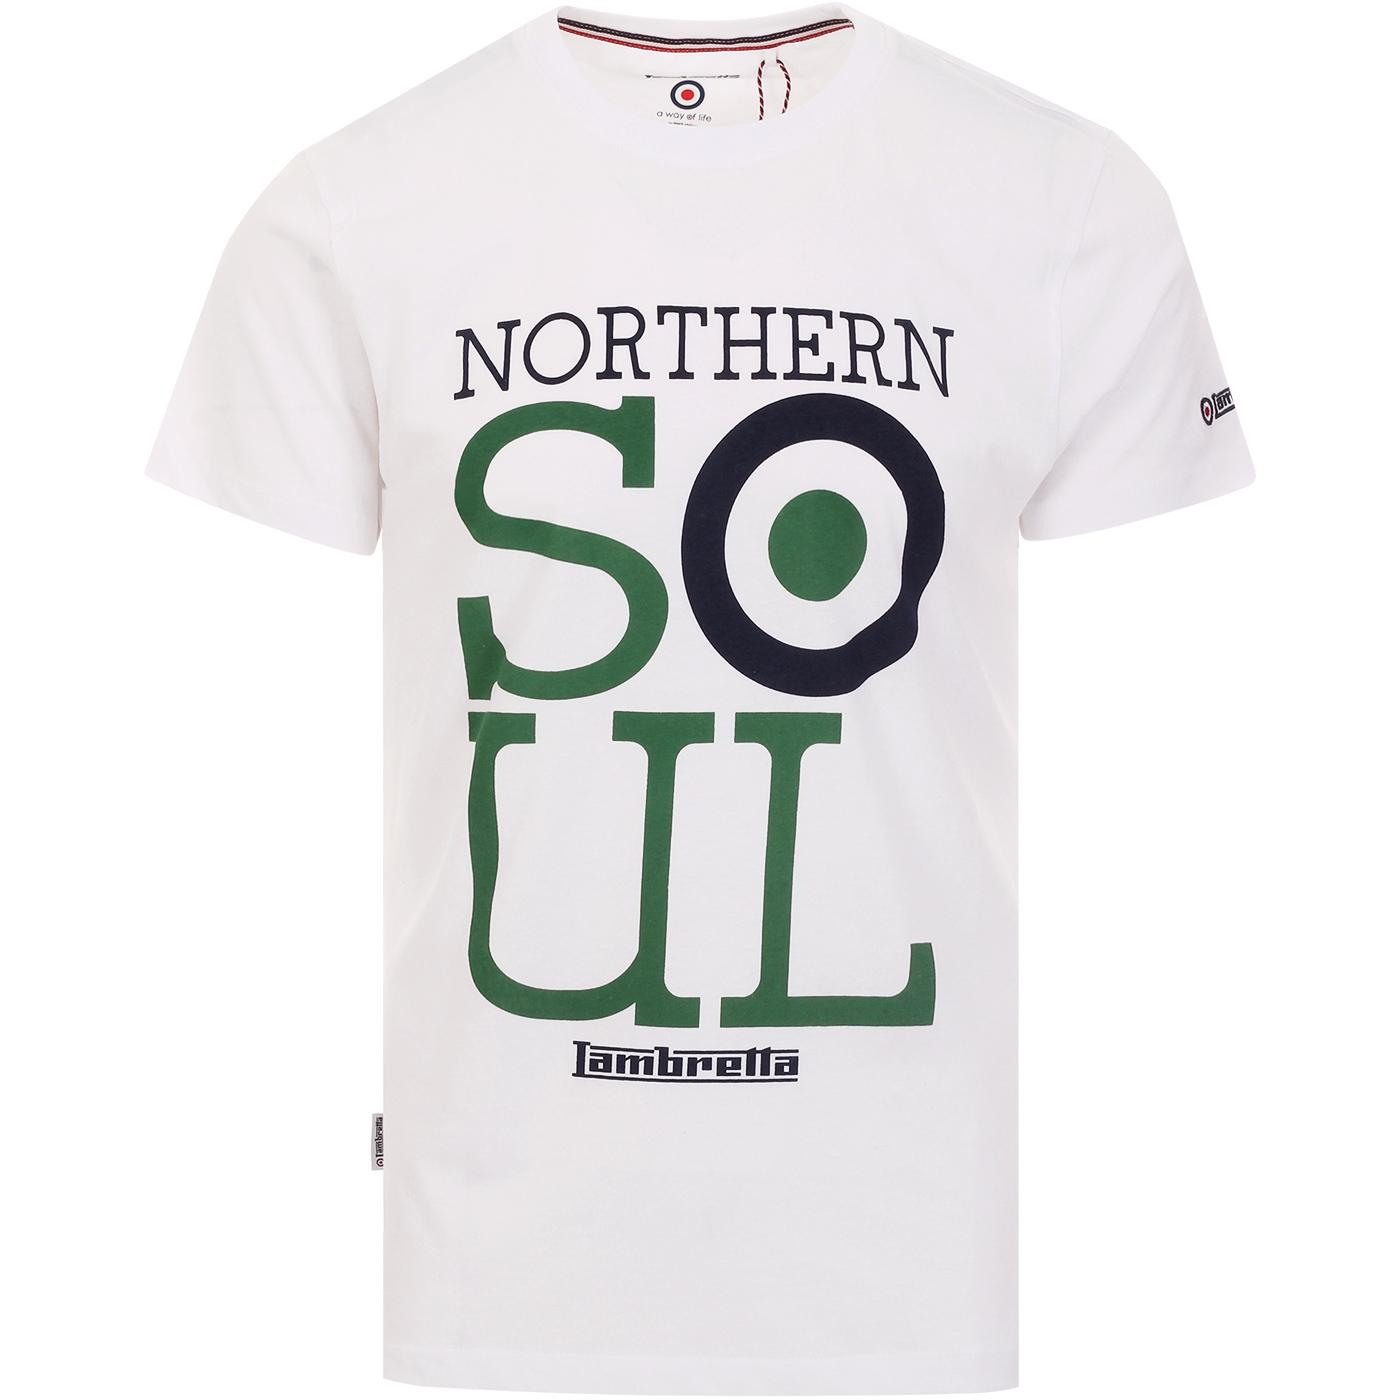 LAMBRETTA Northern Soul Logo Mod T-Shirt WHITE